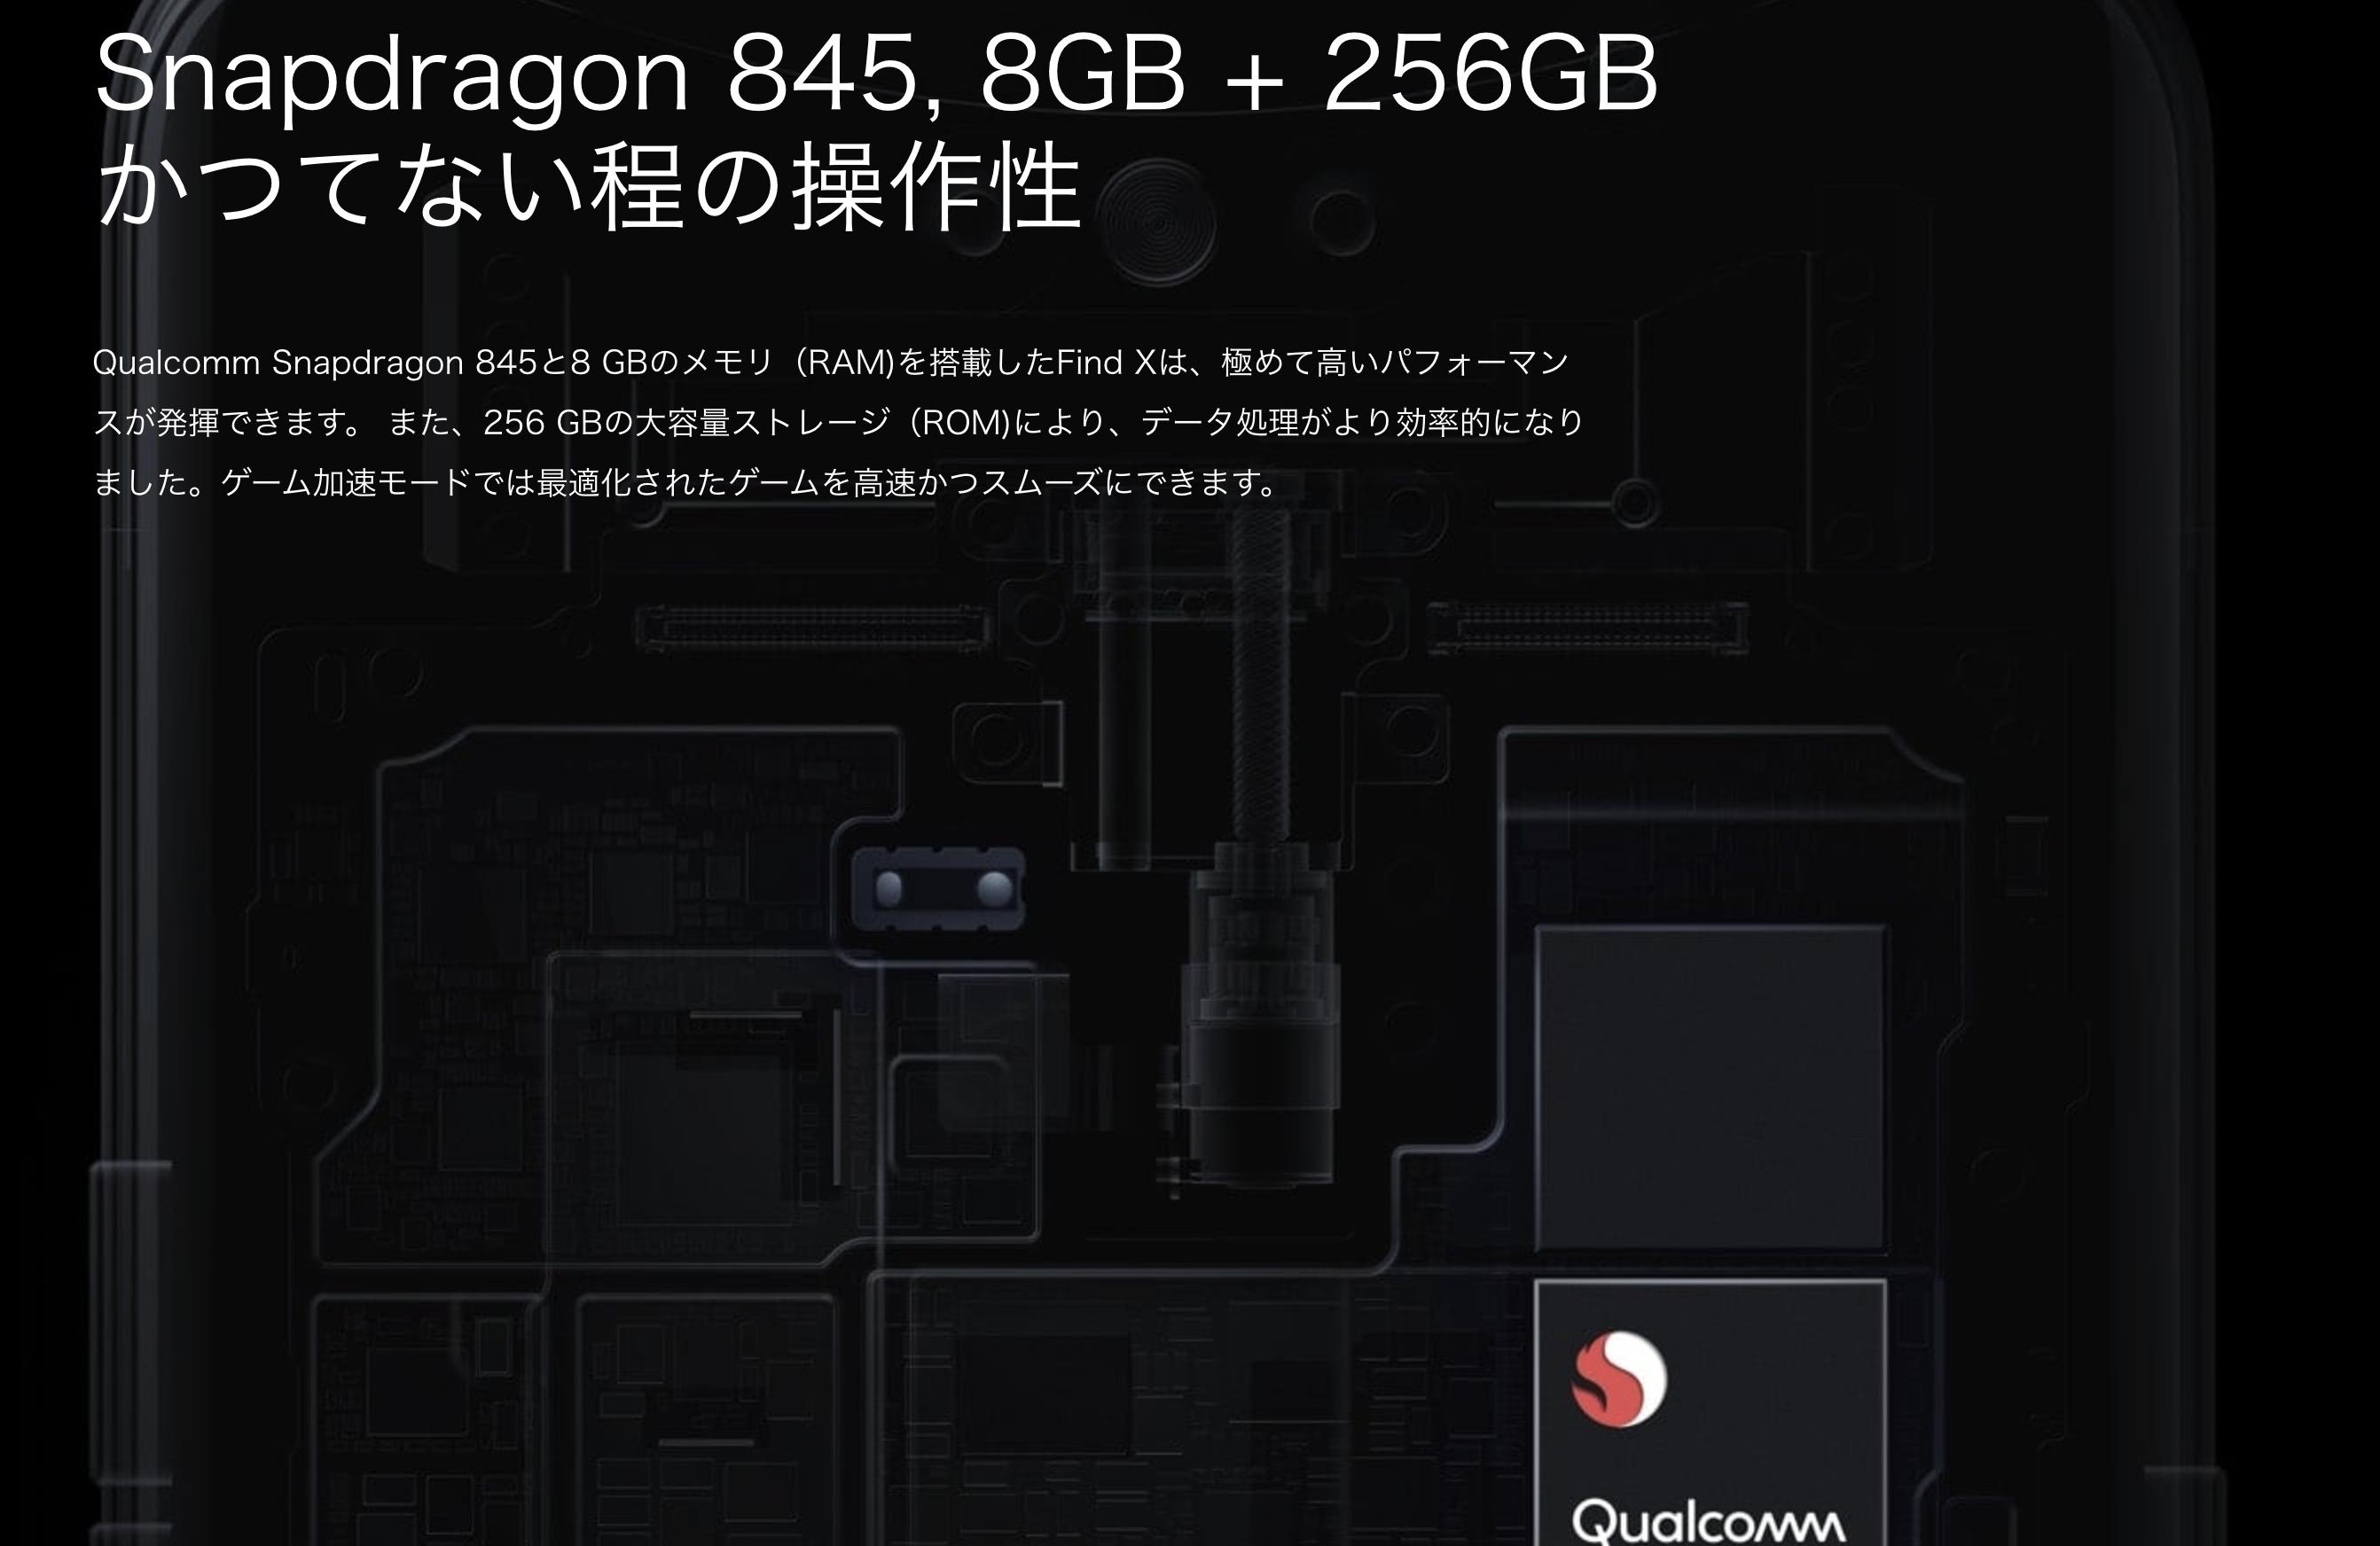 Snapdragon 845 + RAM8GB の最高峰のスペック